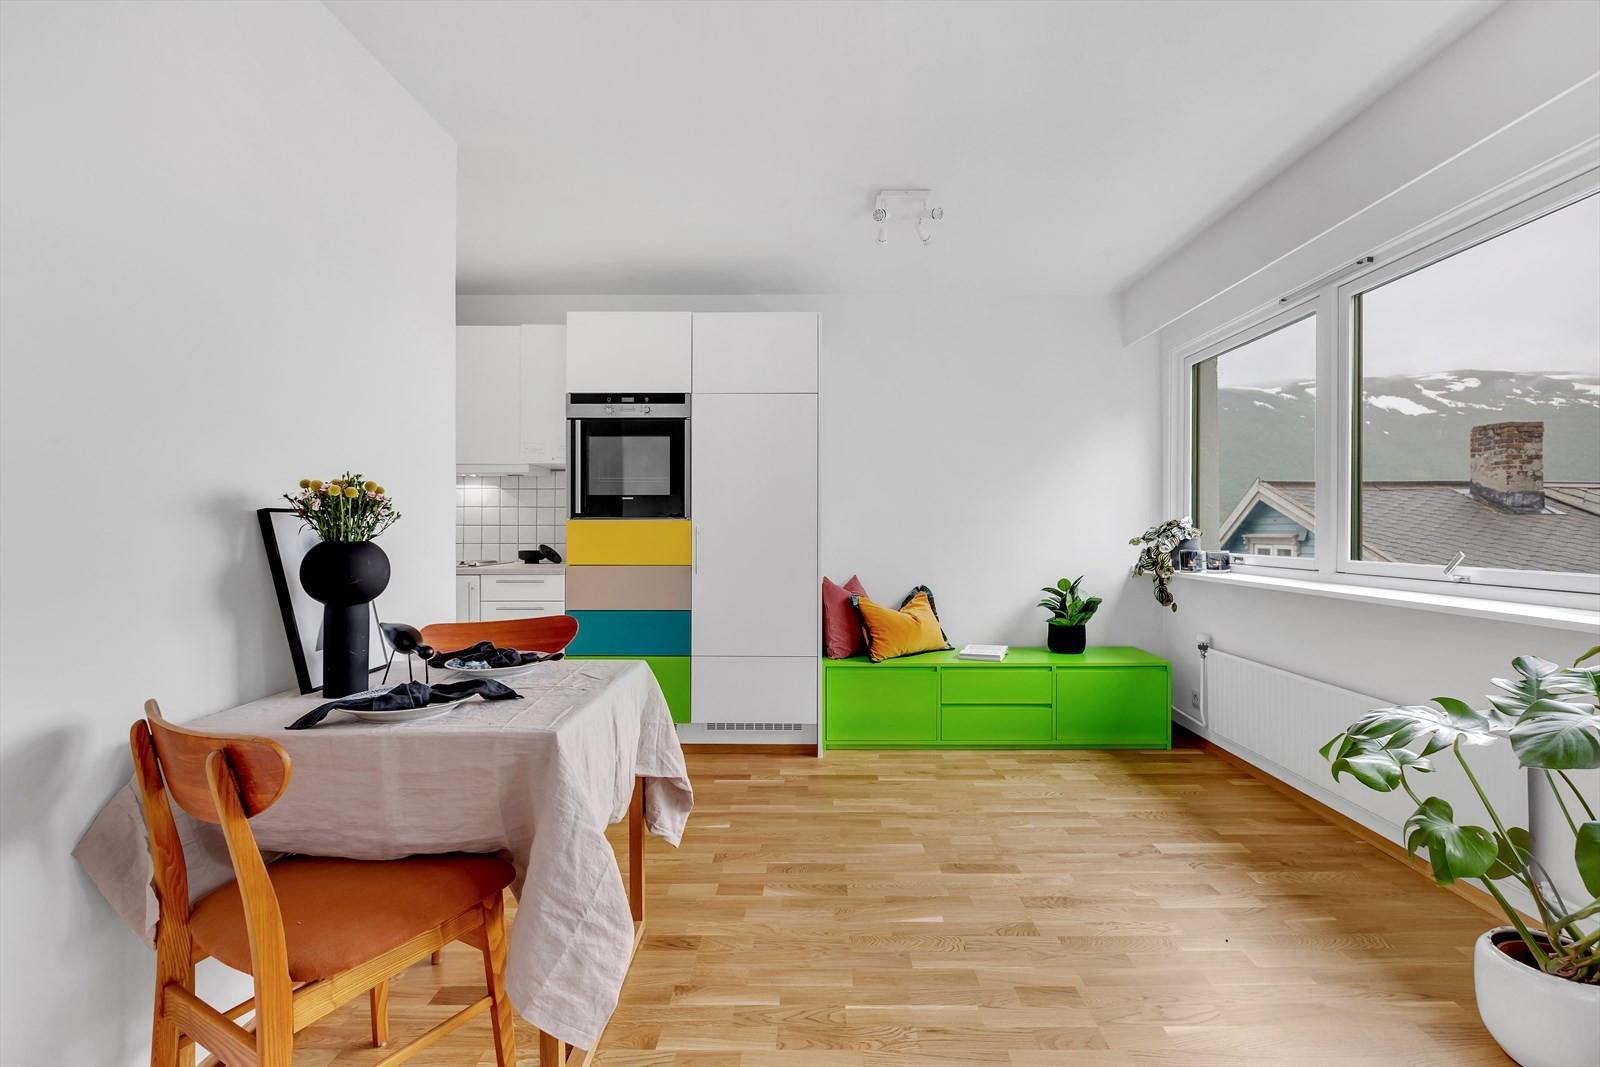 Boligen er godt løst med åpen stue/kjøkken løsning